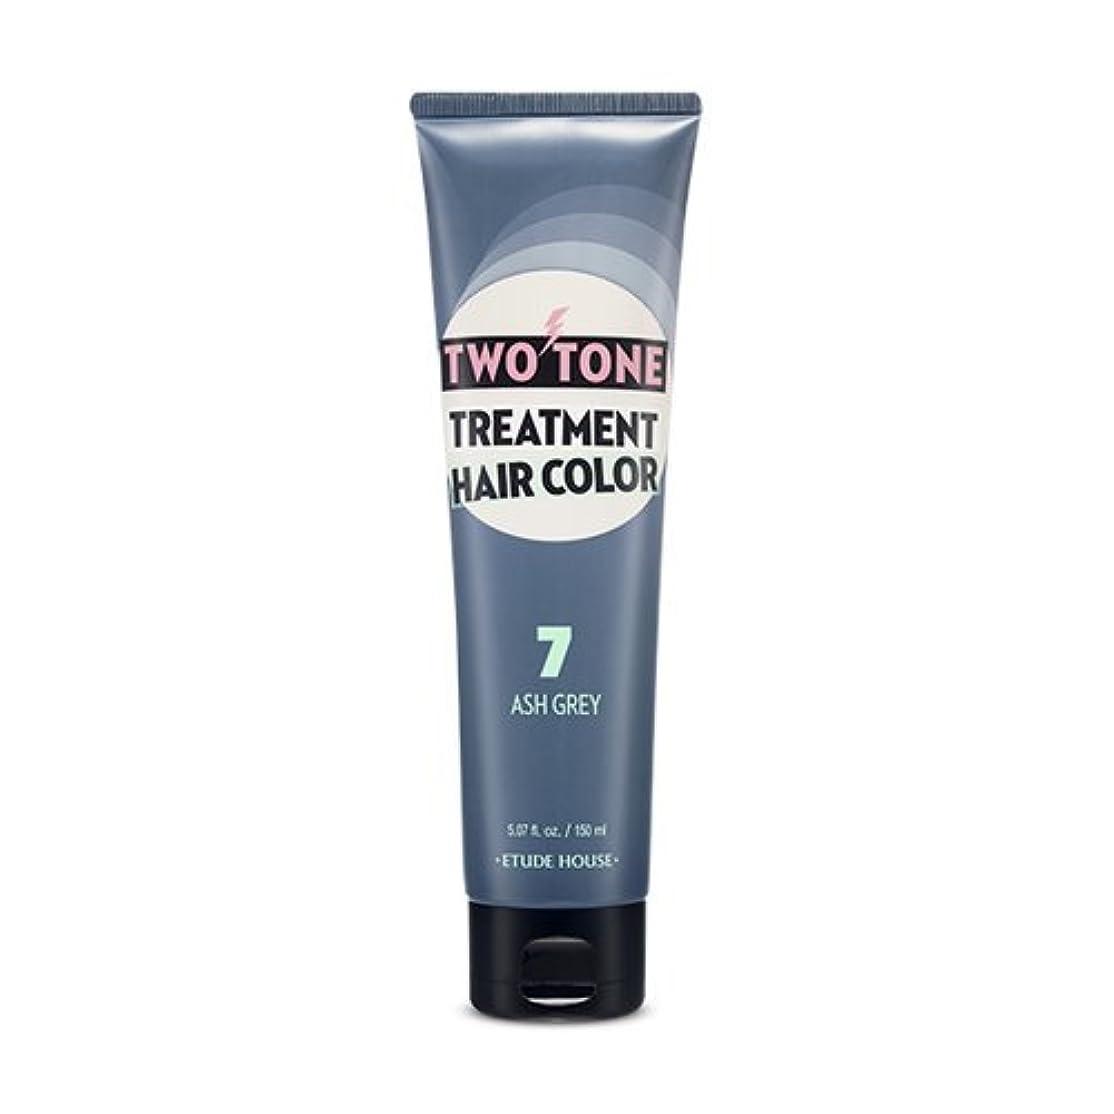 市民悪意のある兄弟愛ETUDE HOUSE Two Tone Treatment Hair Color 7.ASH GREY/エチュードハウス ツートントリートメントヘアカラー150ml [並行輸入品]